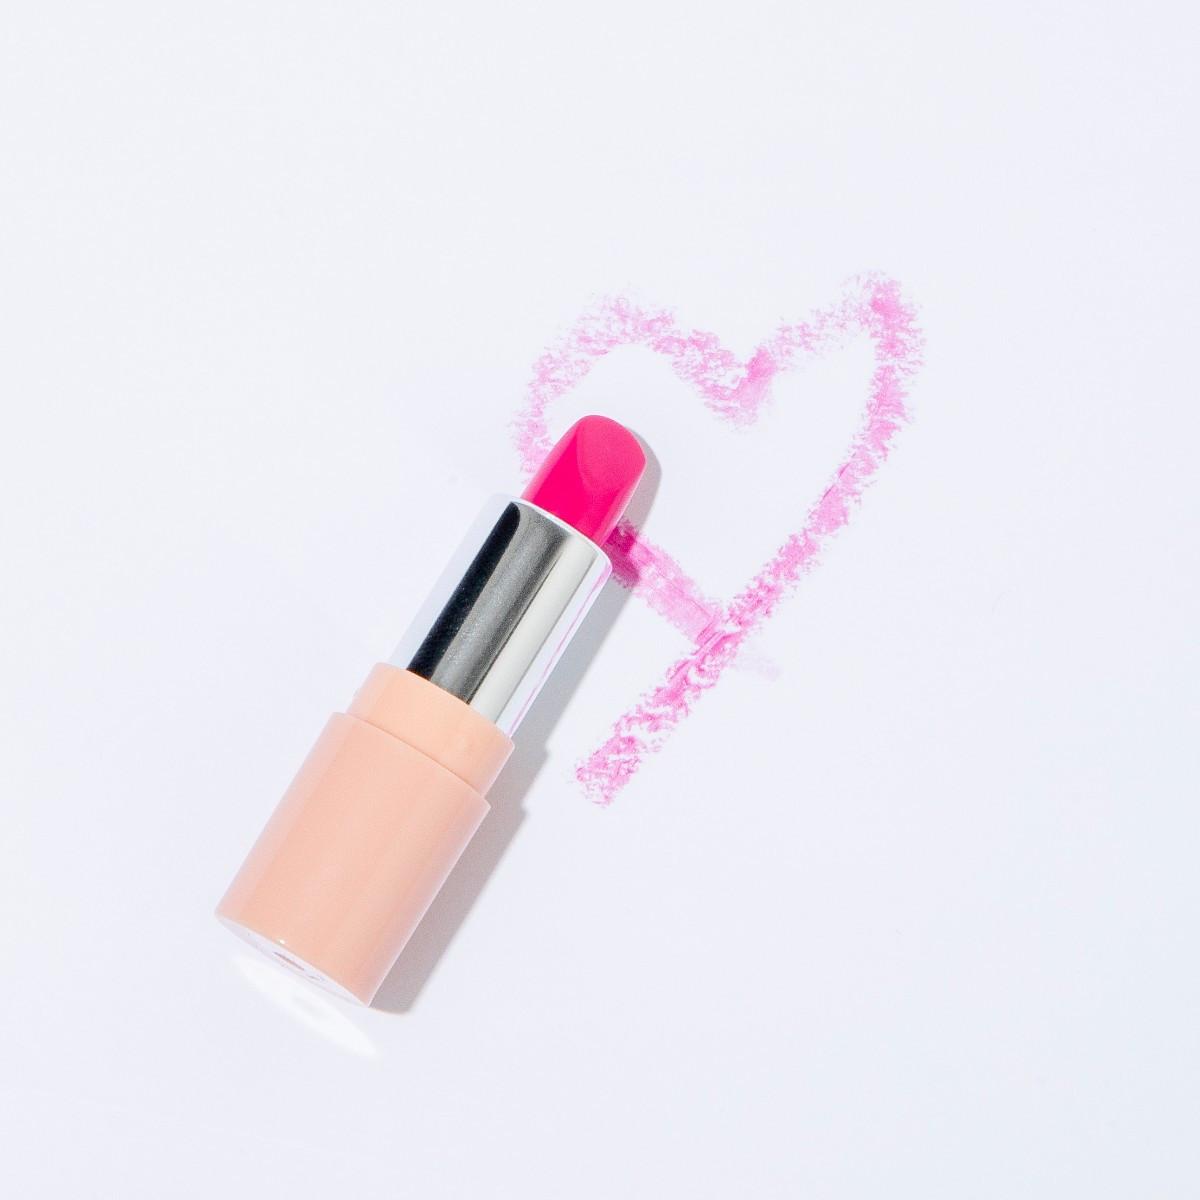 ひと塗りで唇をドレスアップ! ジバンシイの色つきバーム【ちいサンプル】_1_2